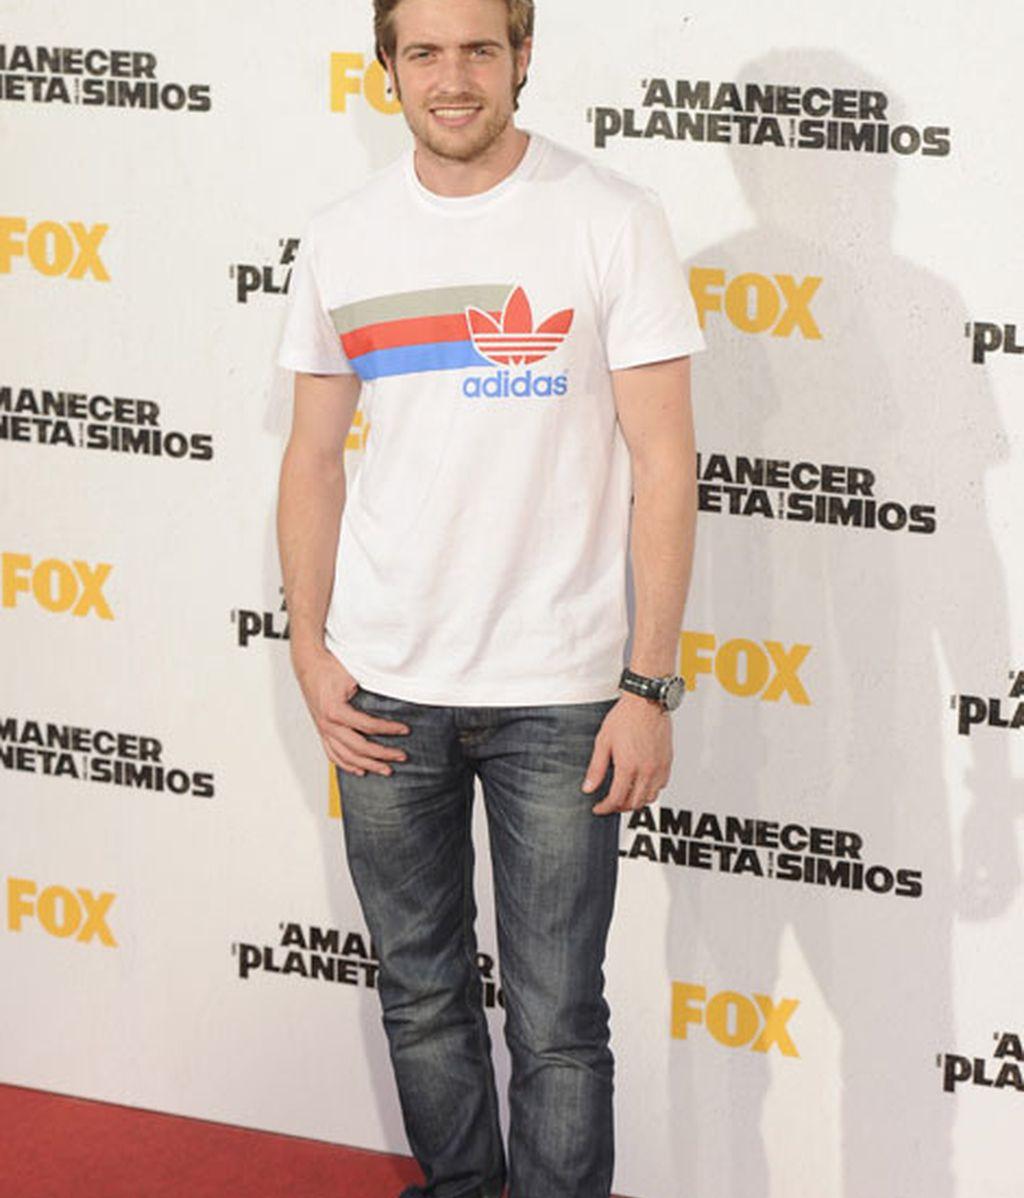 El actor Raúl Mérida fue uno de los asistentes al estreno